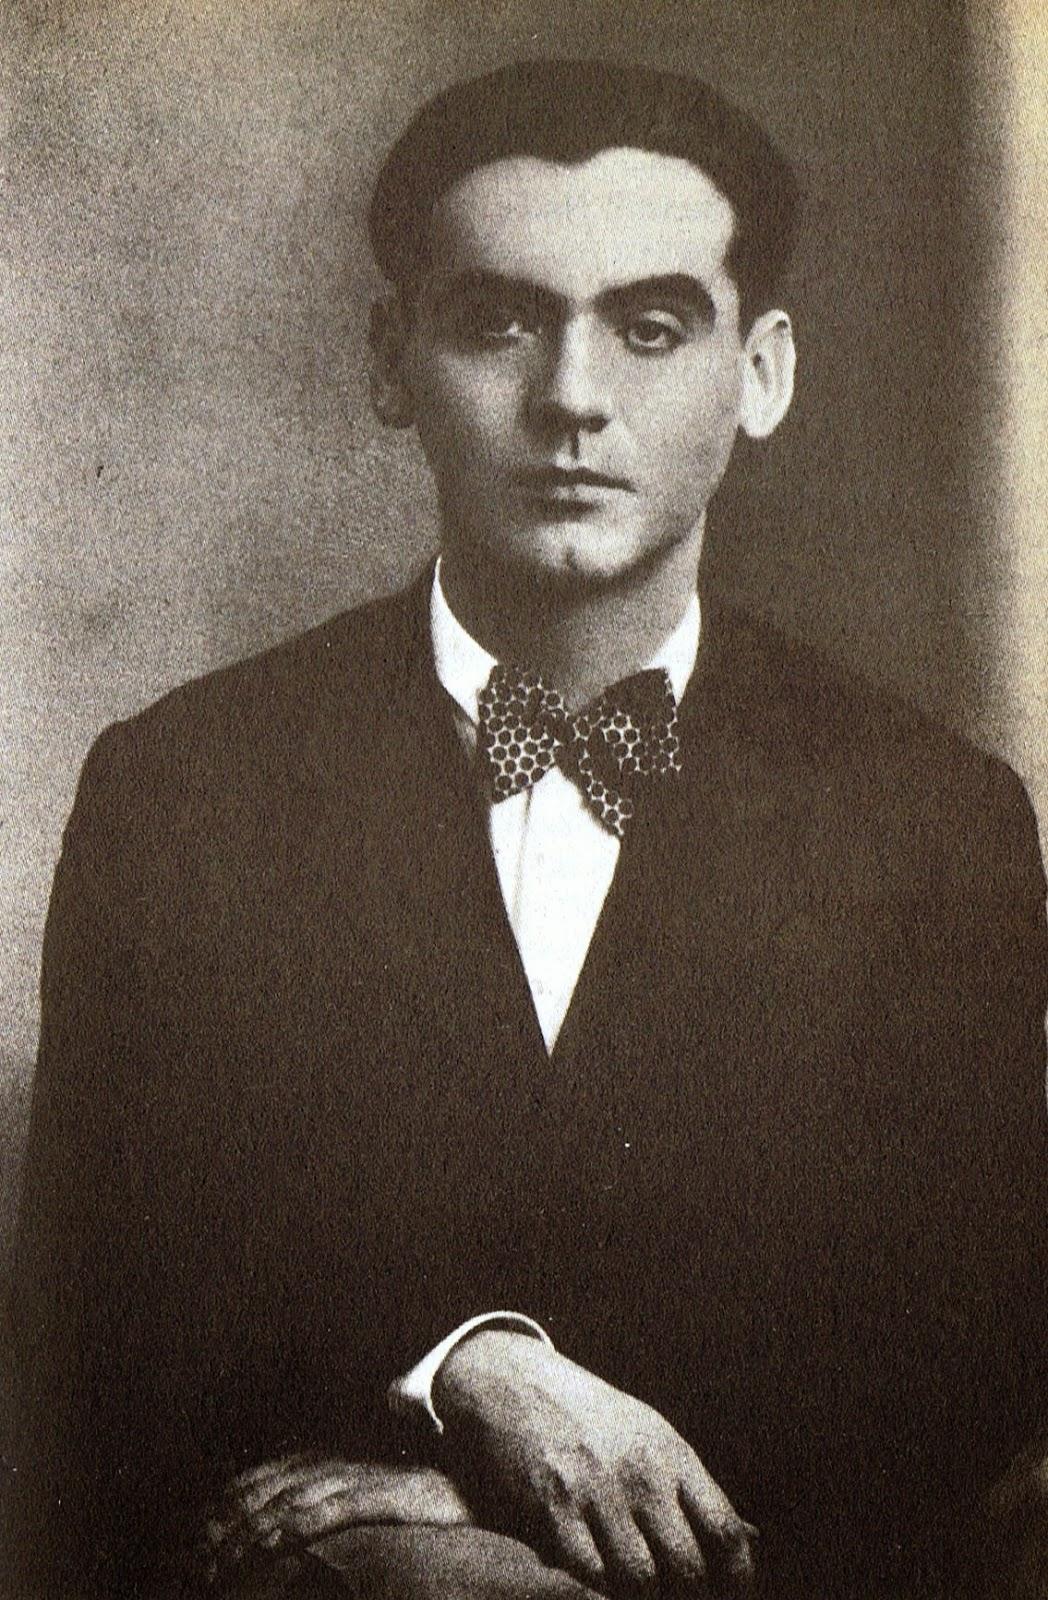 Lorca y su característica fisionomía